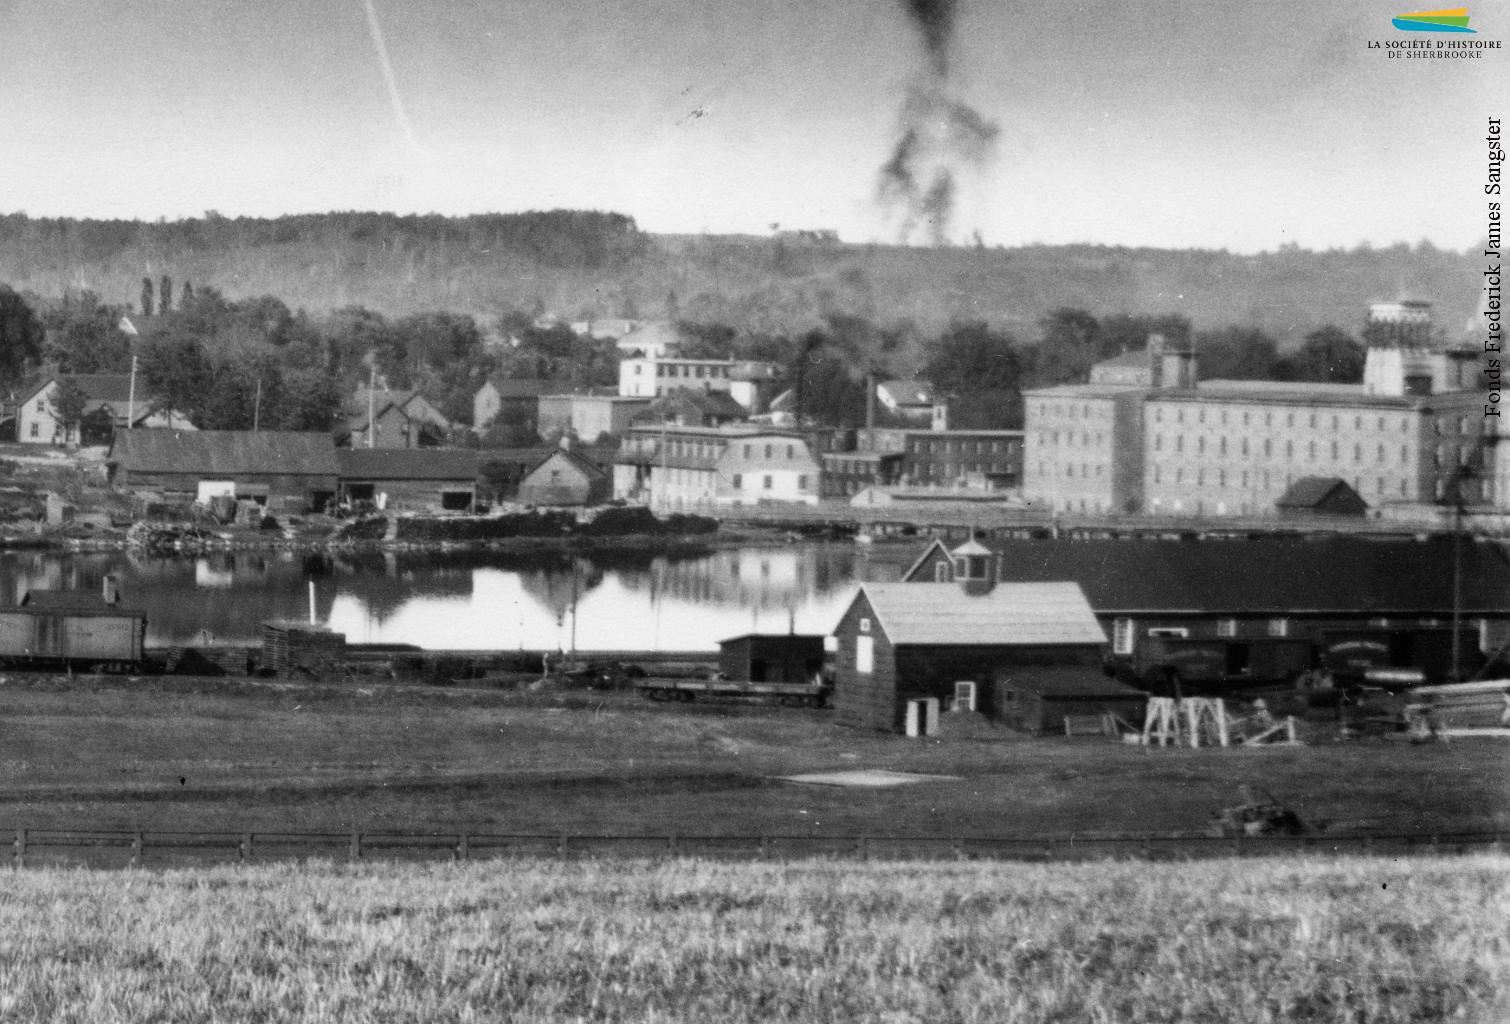 Le voisinage Liverpool, du nom que porte alors cette section de la rue King, vers 1920. Situé entre la rue du Québec et le pont Montcalm, le quartier est habité dès les années 1850 par des Canadiens français qui travaillent comme ouvriers dans les manufactures voisines.